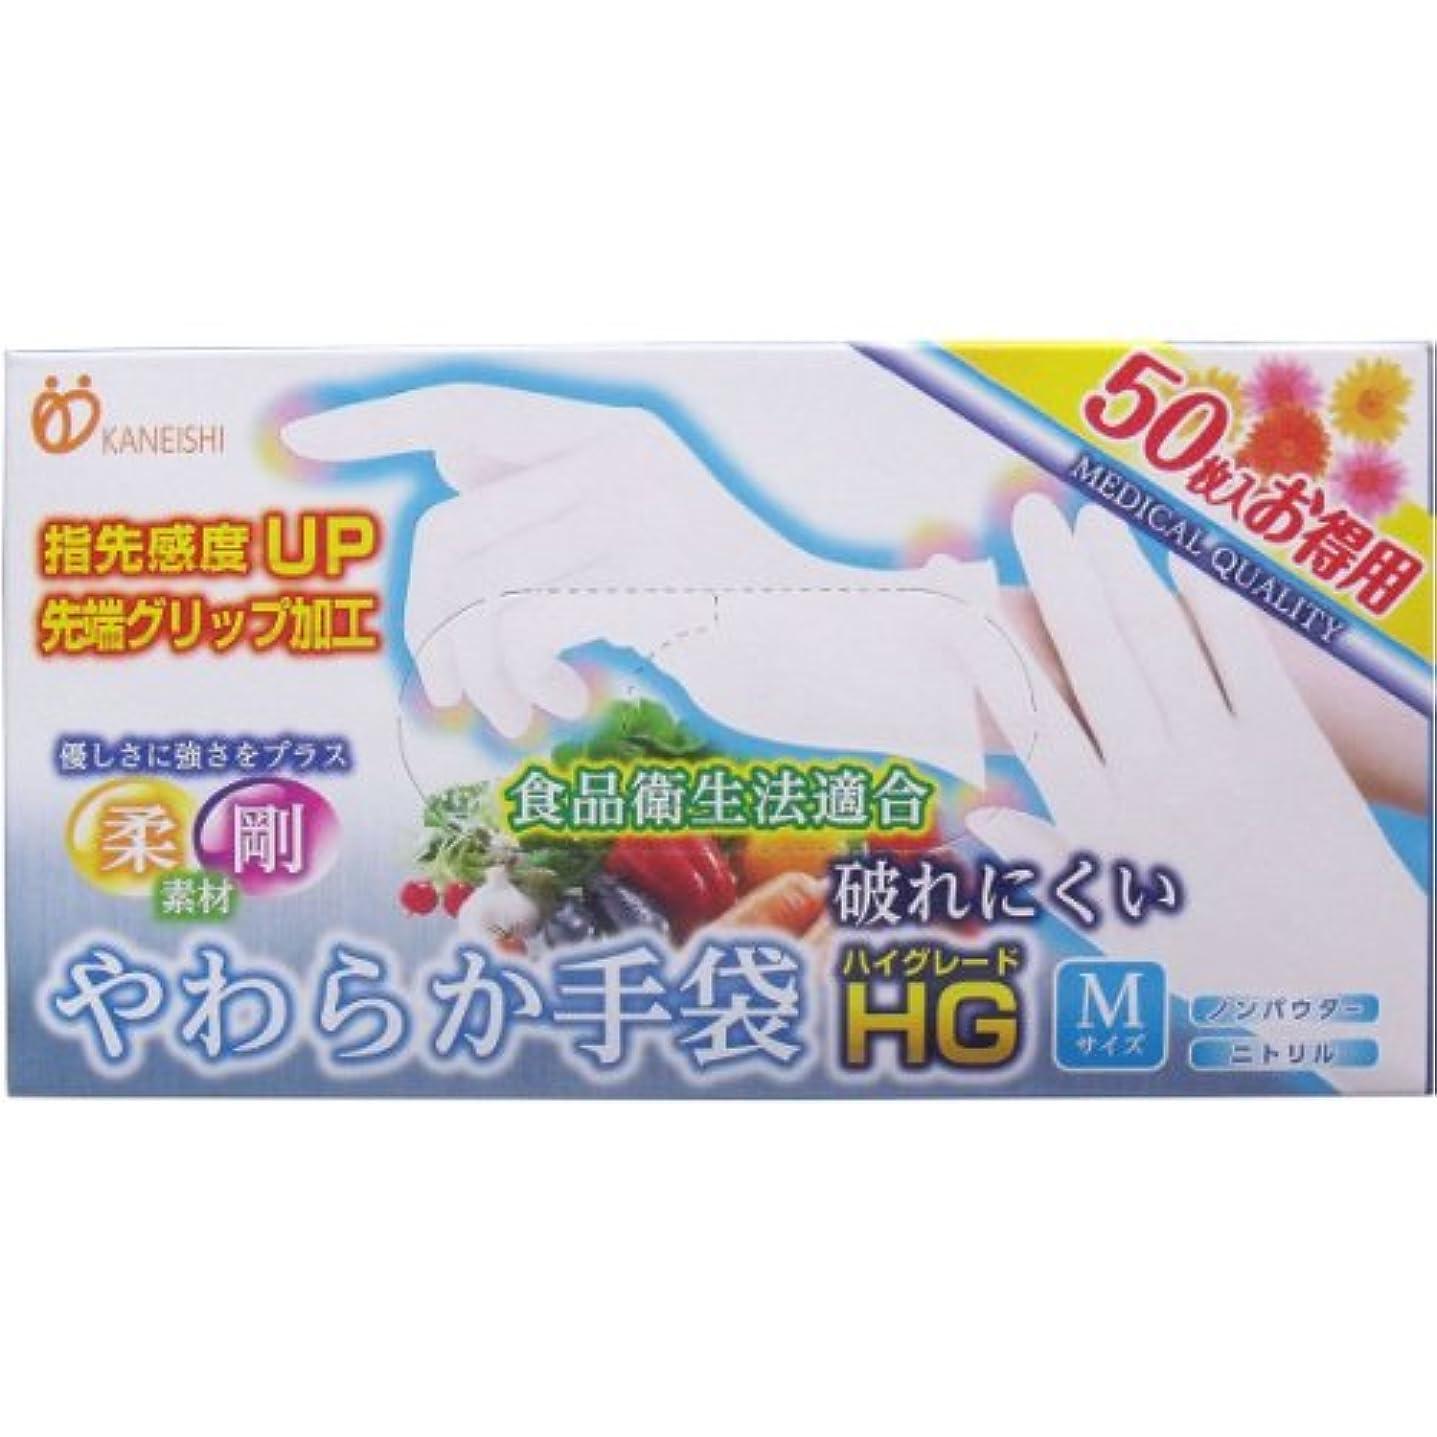 喜び直立受け入れ[12月23日まで特価]やわらか手袋HG(ハイグレード) 二トリル手袋 パウダーフリー Mサイズ 50枚入×2個セット